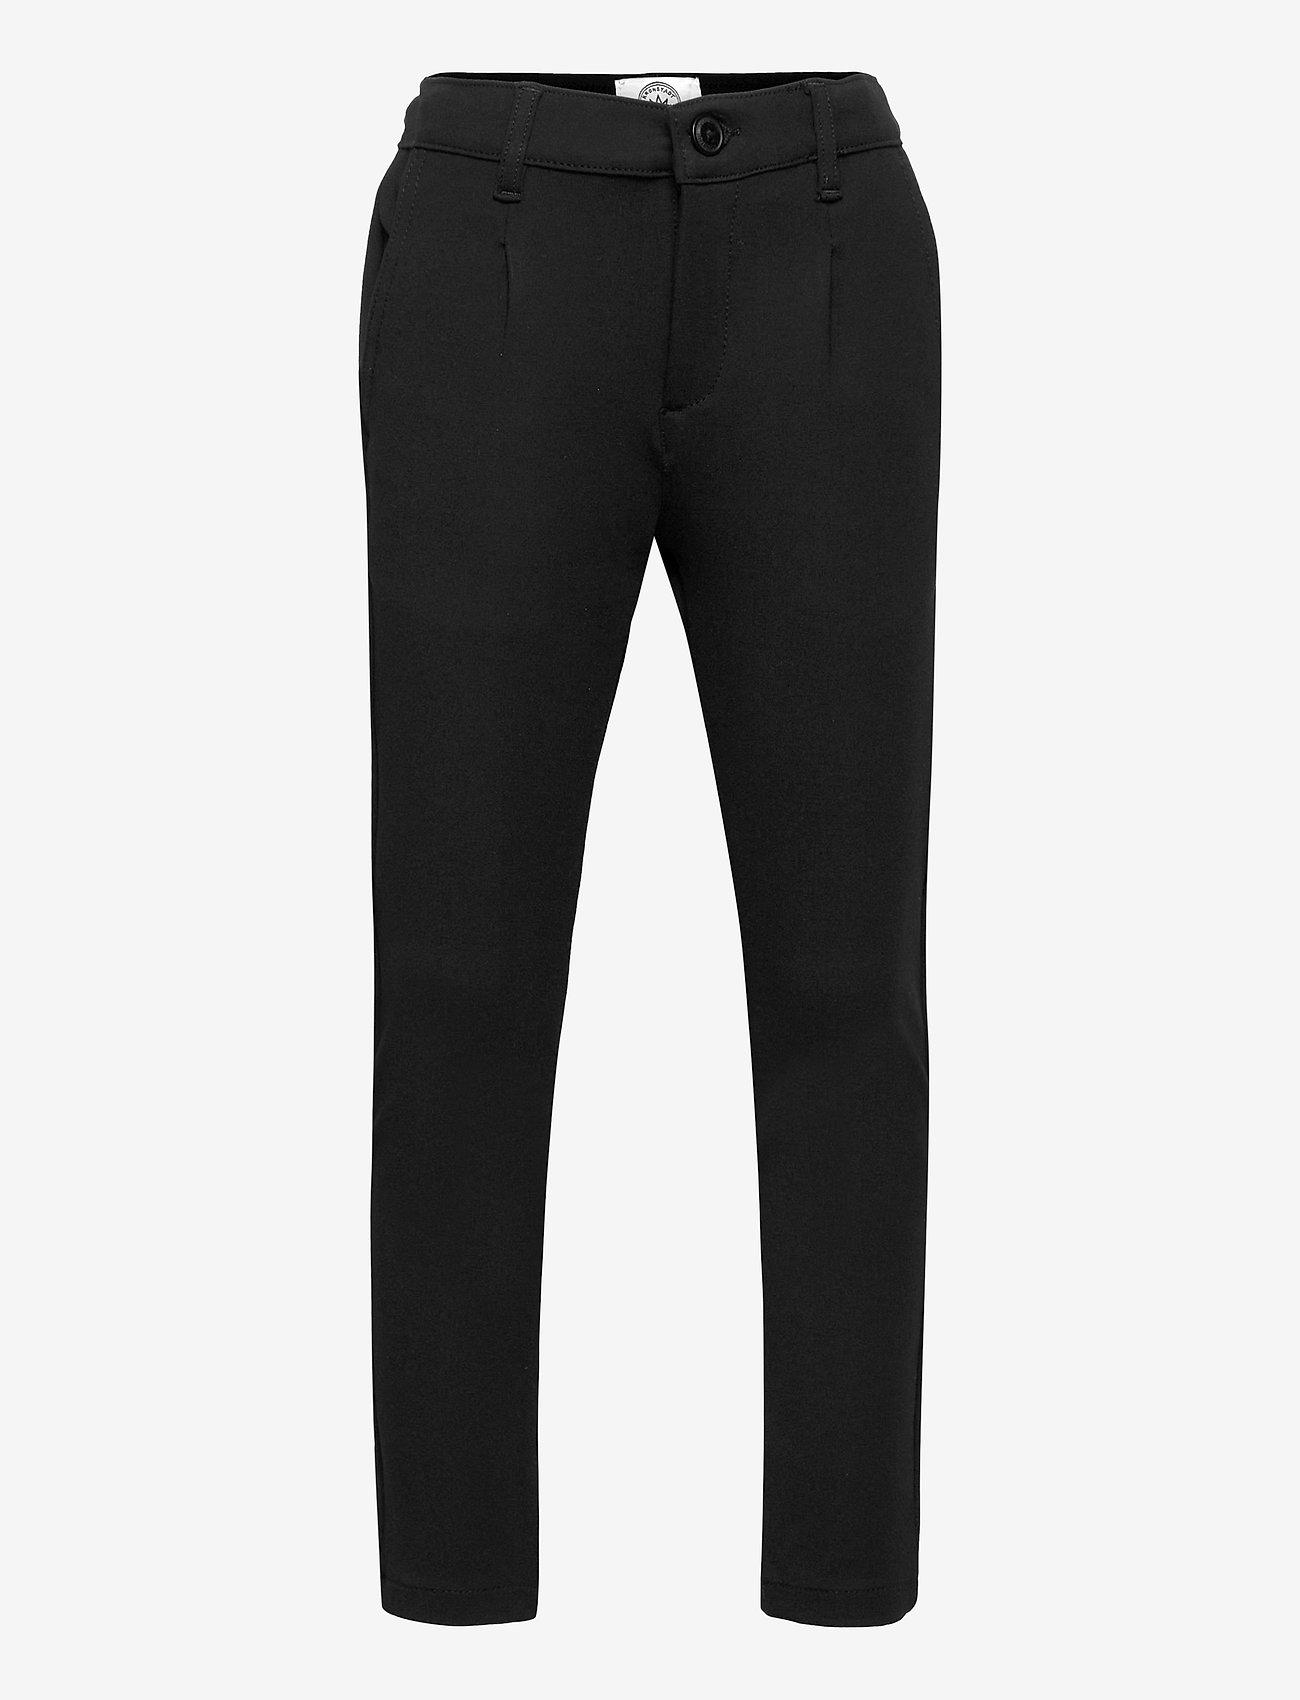 Kronstadt - Club pants - trousers - black - 0